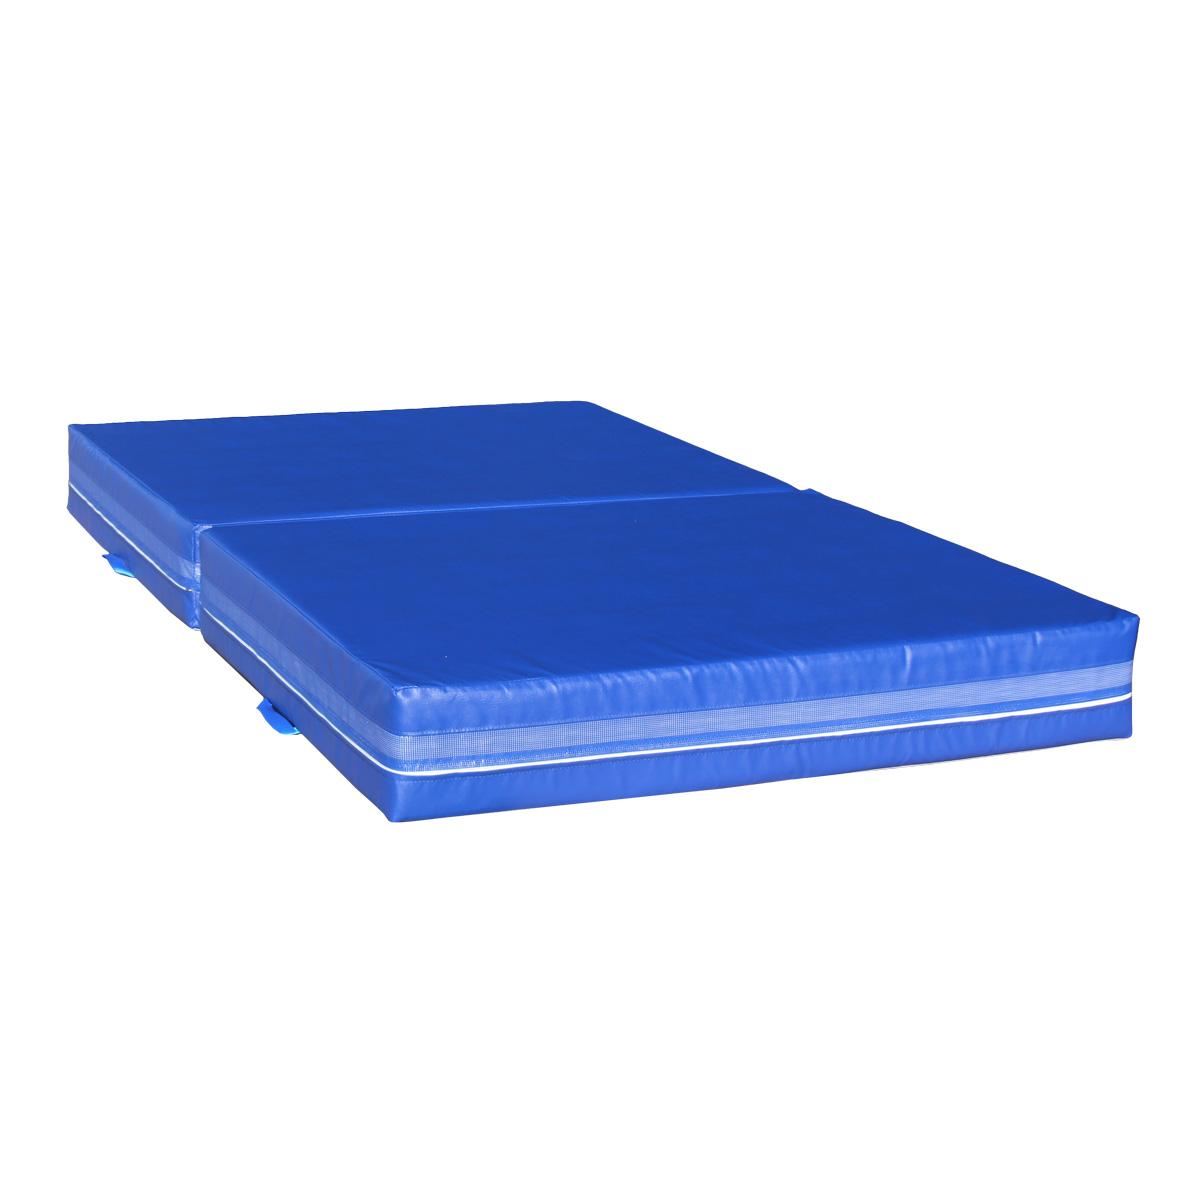 Dopadová skladacia žinenka MASTER T21 - 200 x 120 x 20 cm - modrá